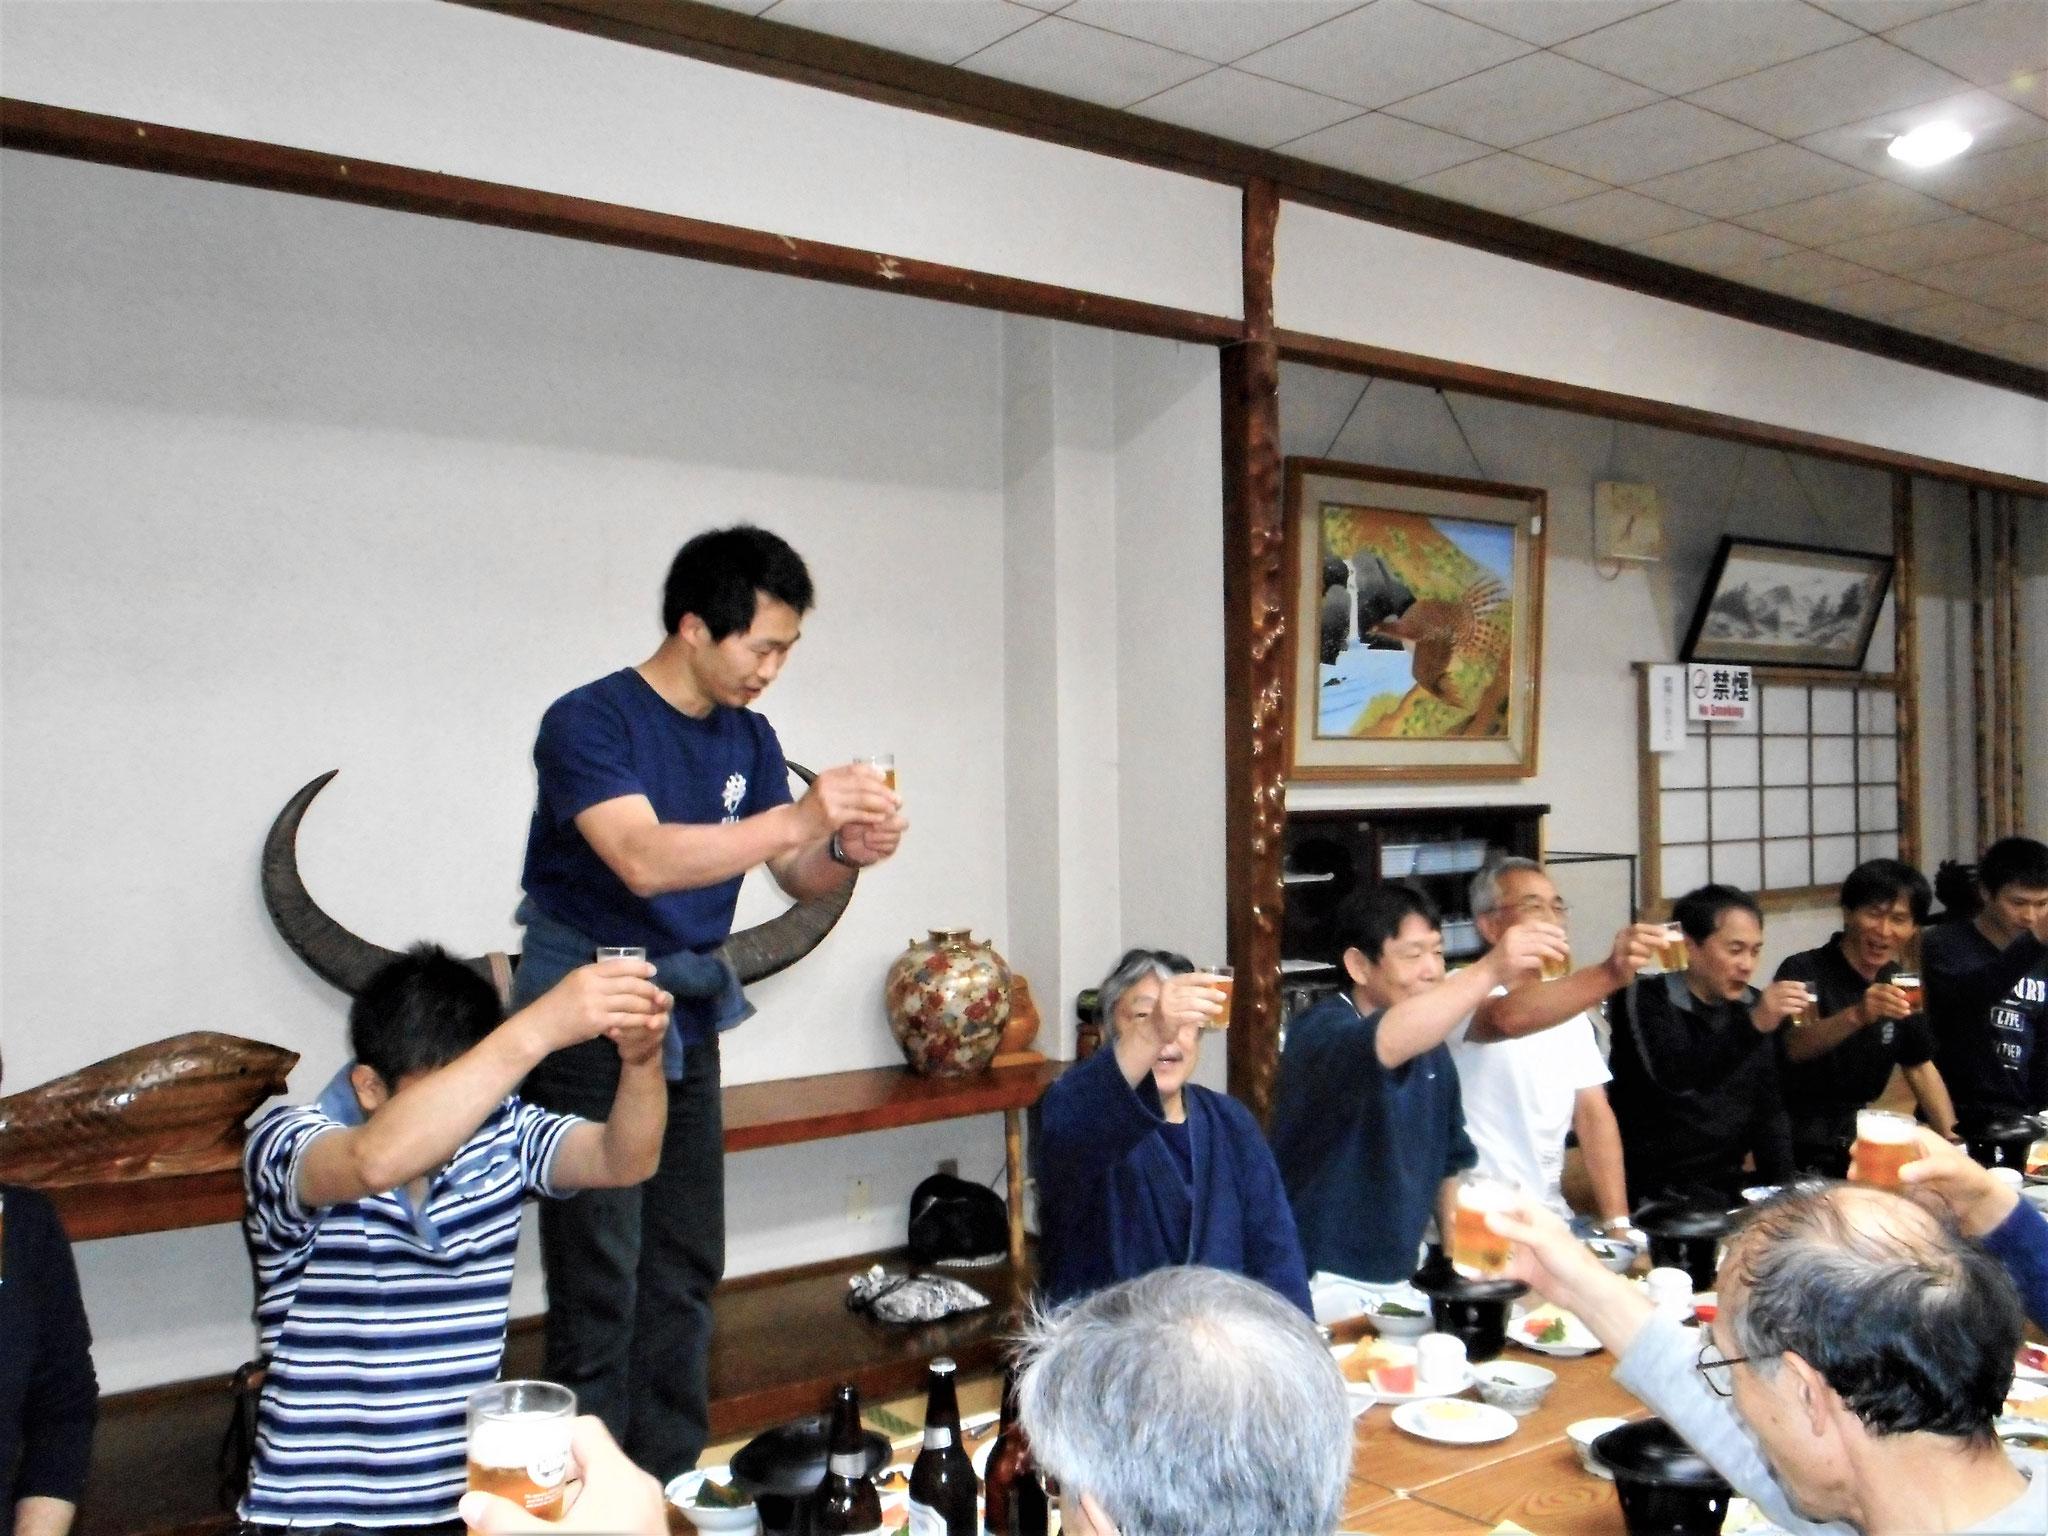 田中先生の乾杯!飲むぞ~❣